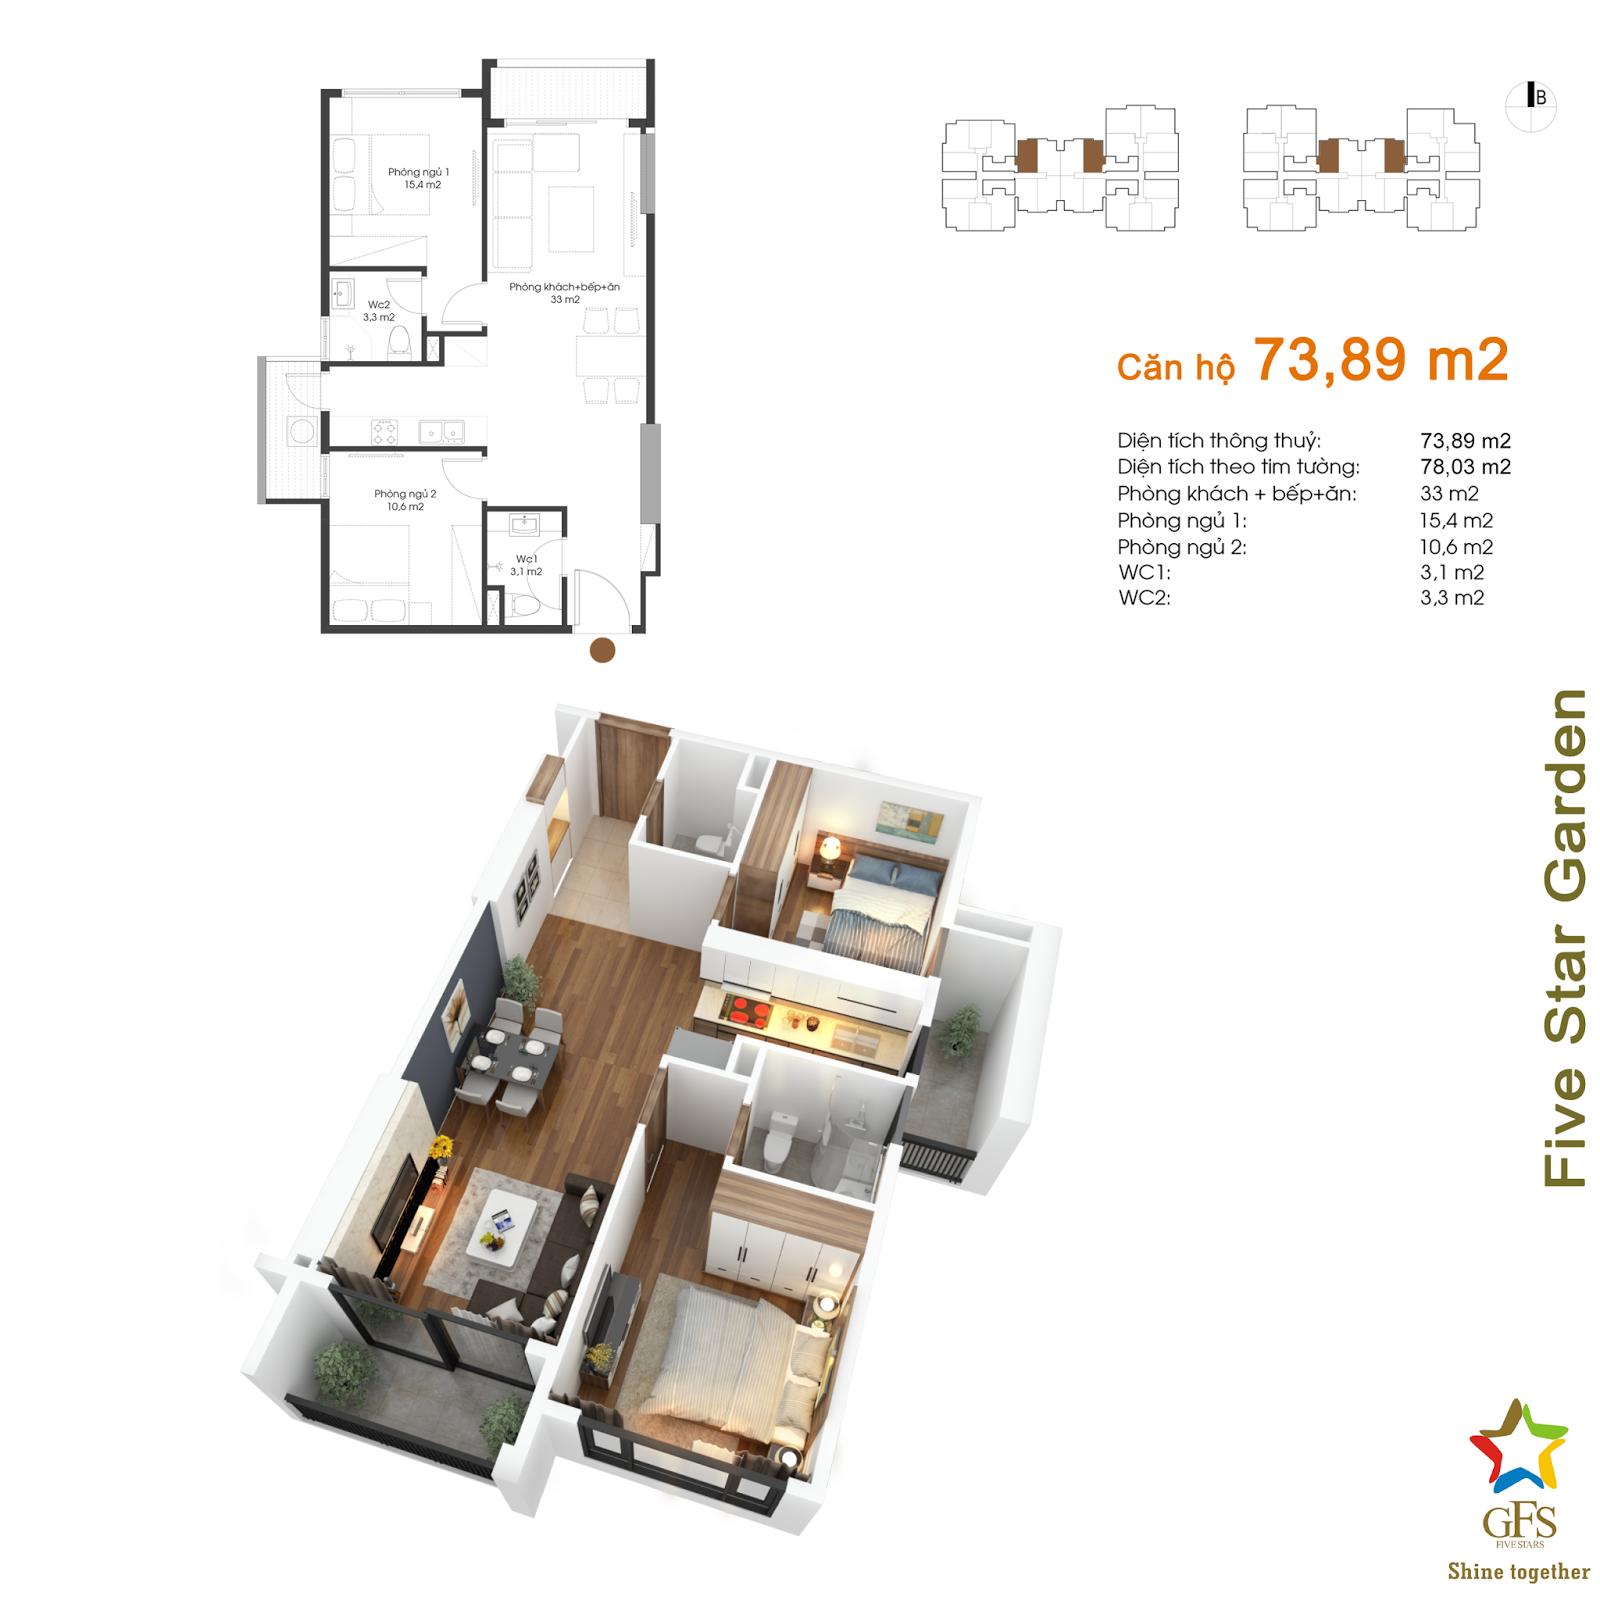 Thiết kế căn hộ 73,89 m2 Five Star Kim Giang